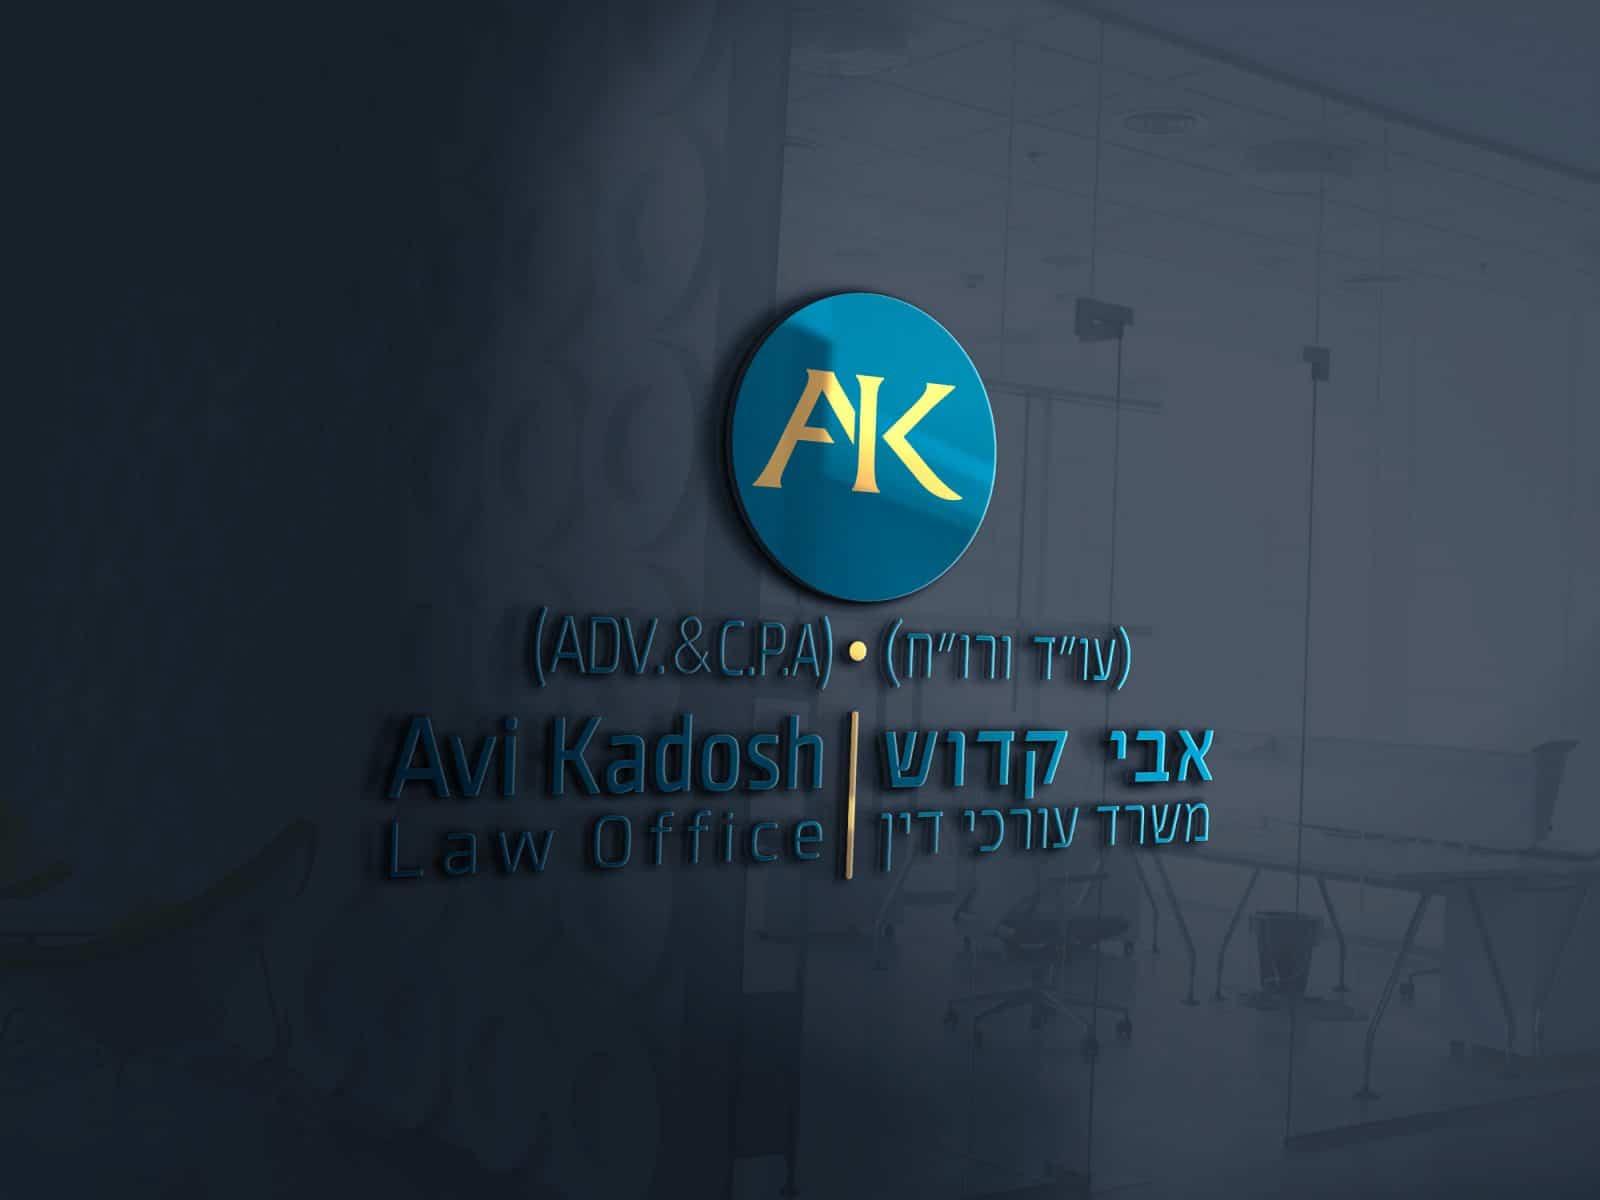 עיצוב לוגו למשרד עורכי דין אבי קדוש